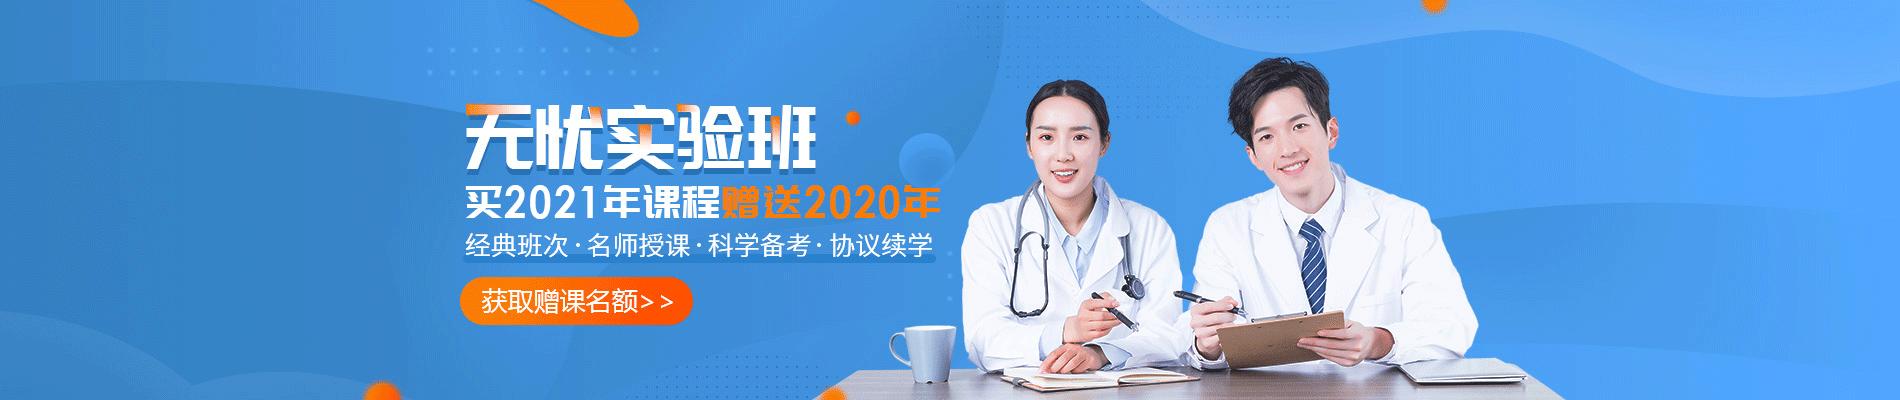 济南外科主治医师培训